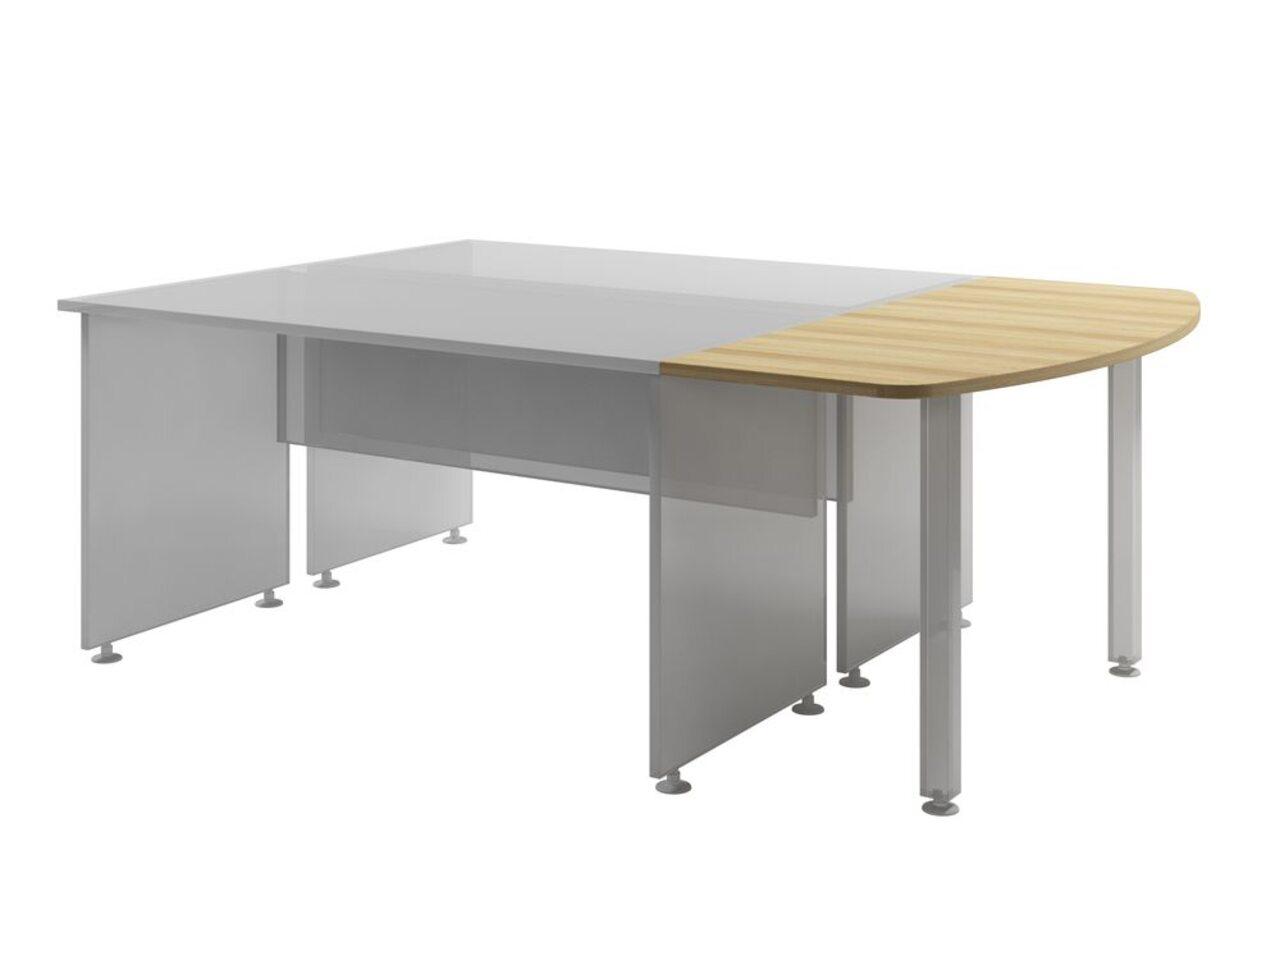 Столешница к двум столам  Space 134x60x3 - фото 3